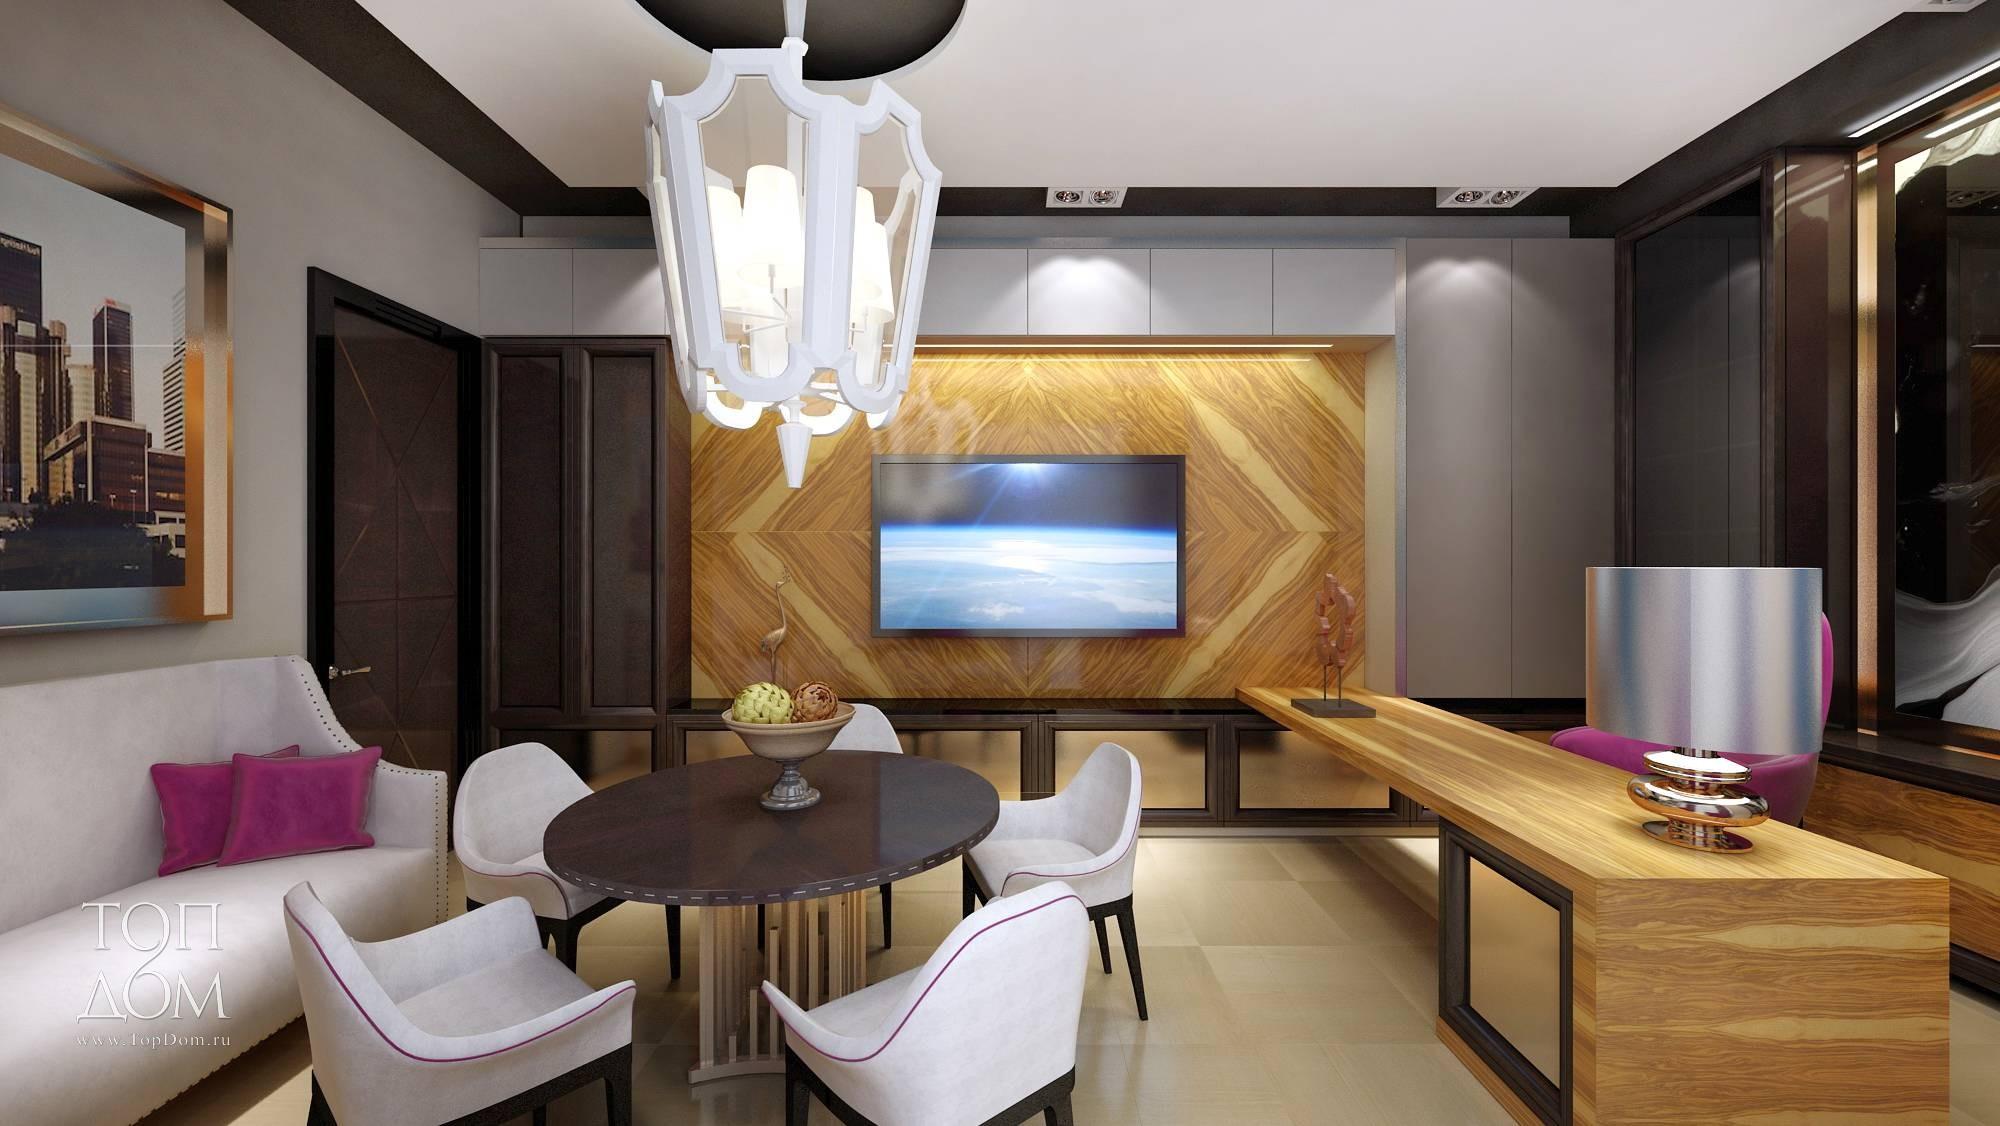 фото кабинеты для дома